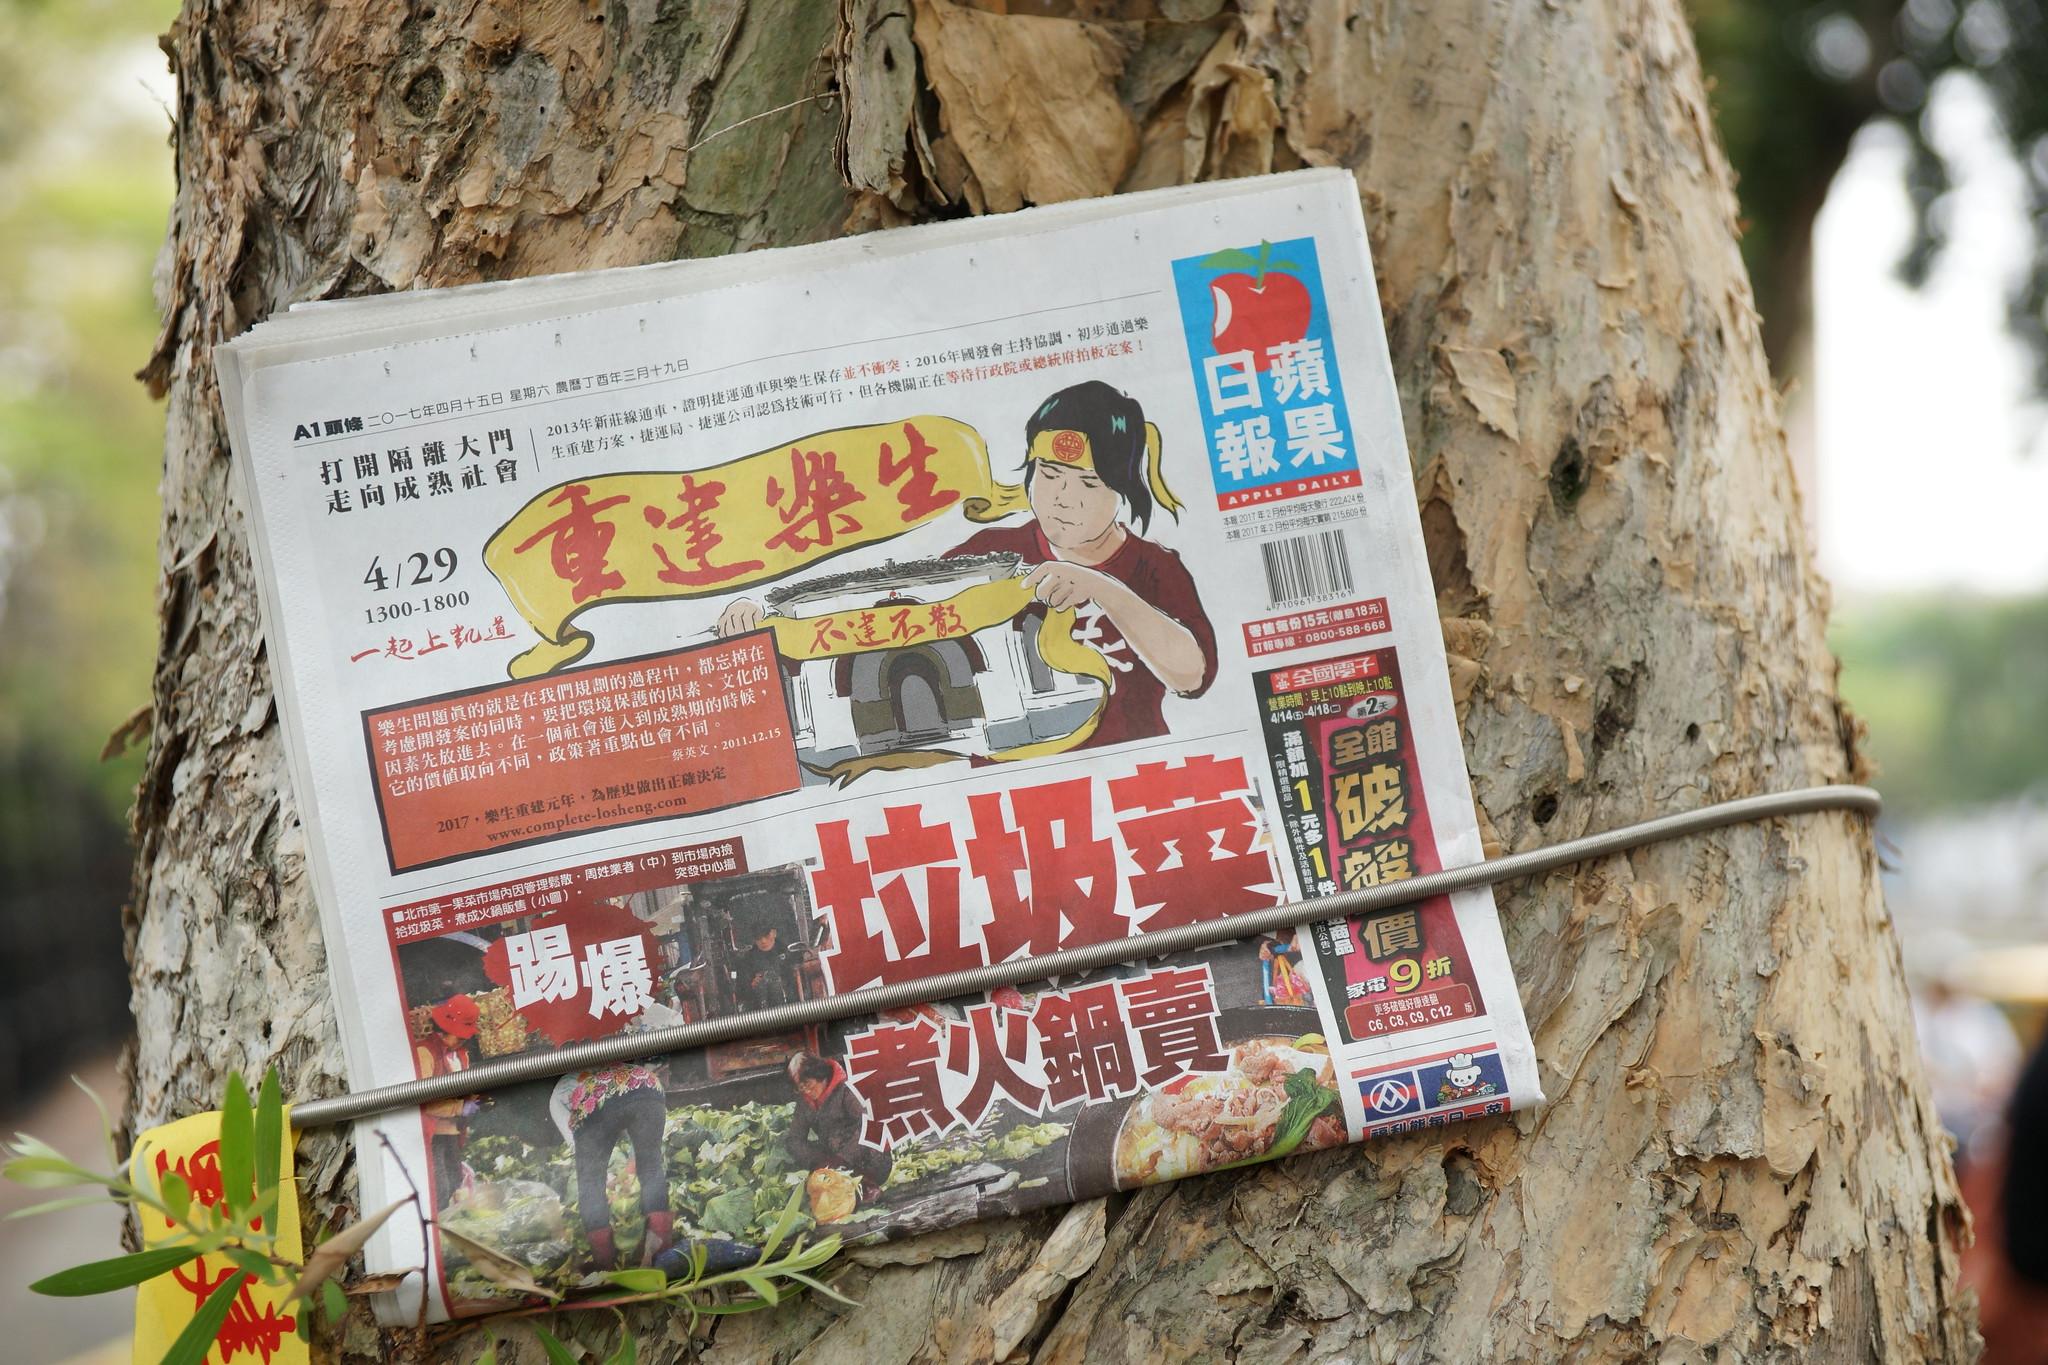 樂生募資買下《蘋果》今日的頭版廣告,施壓政院。(攝影:王顥中)